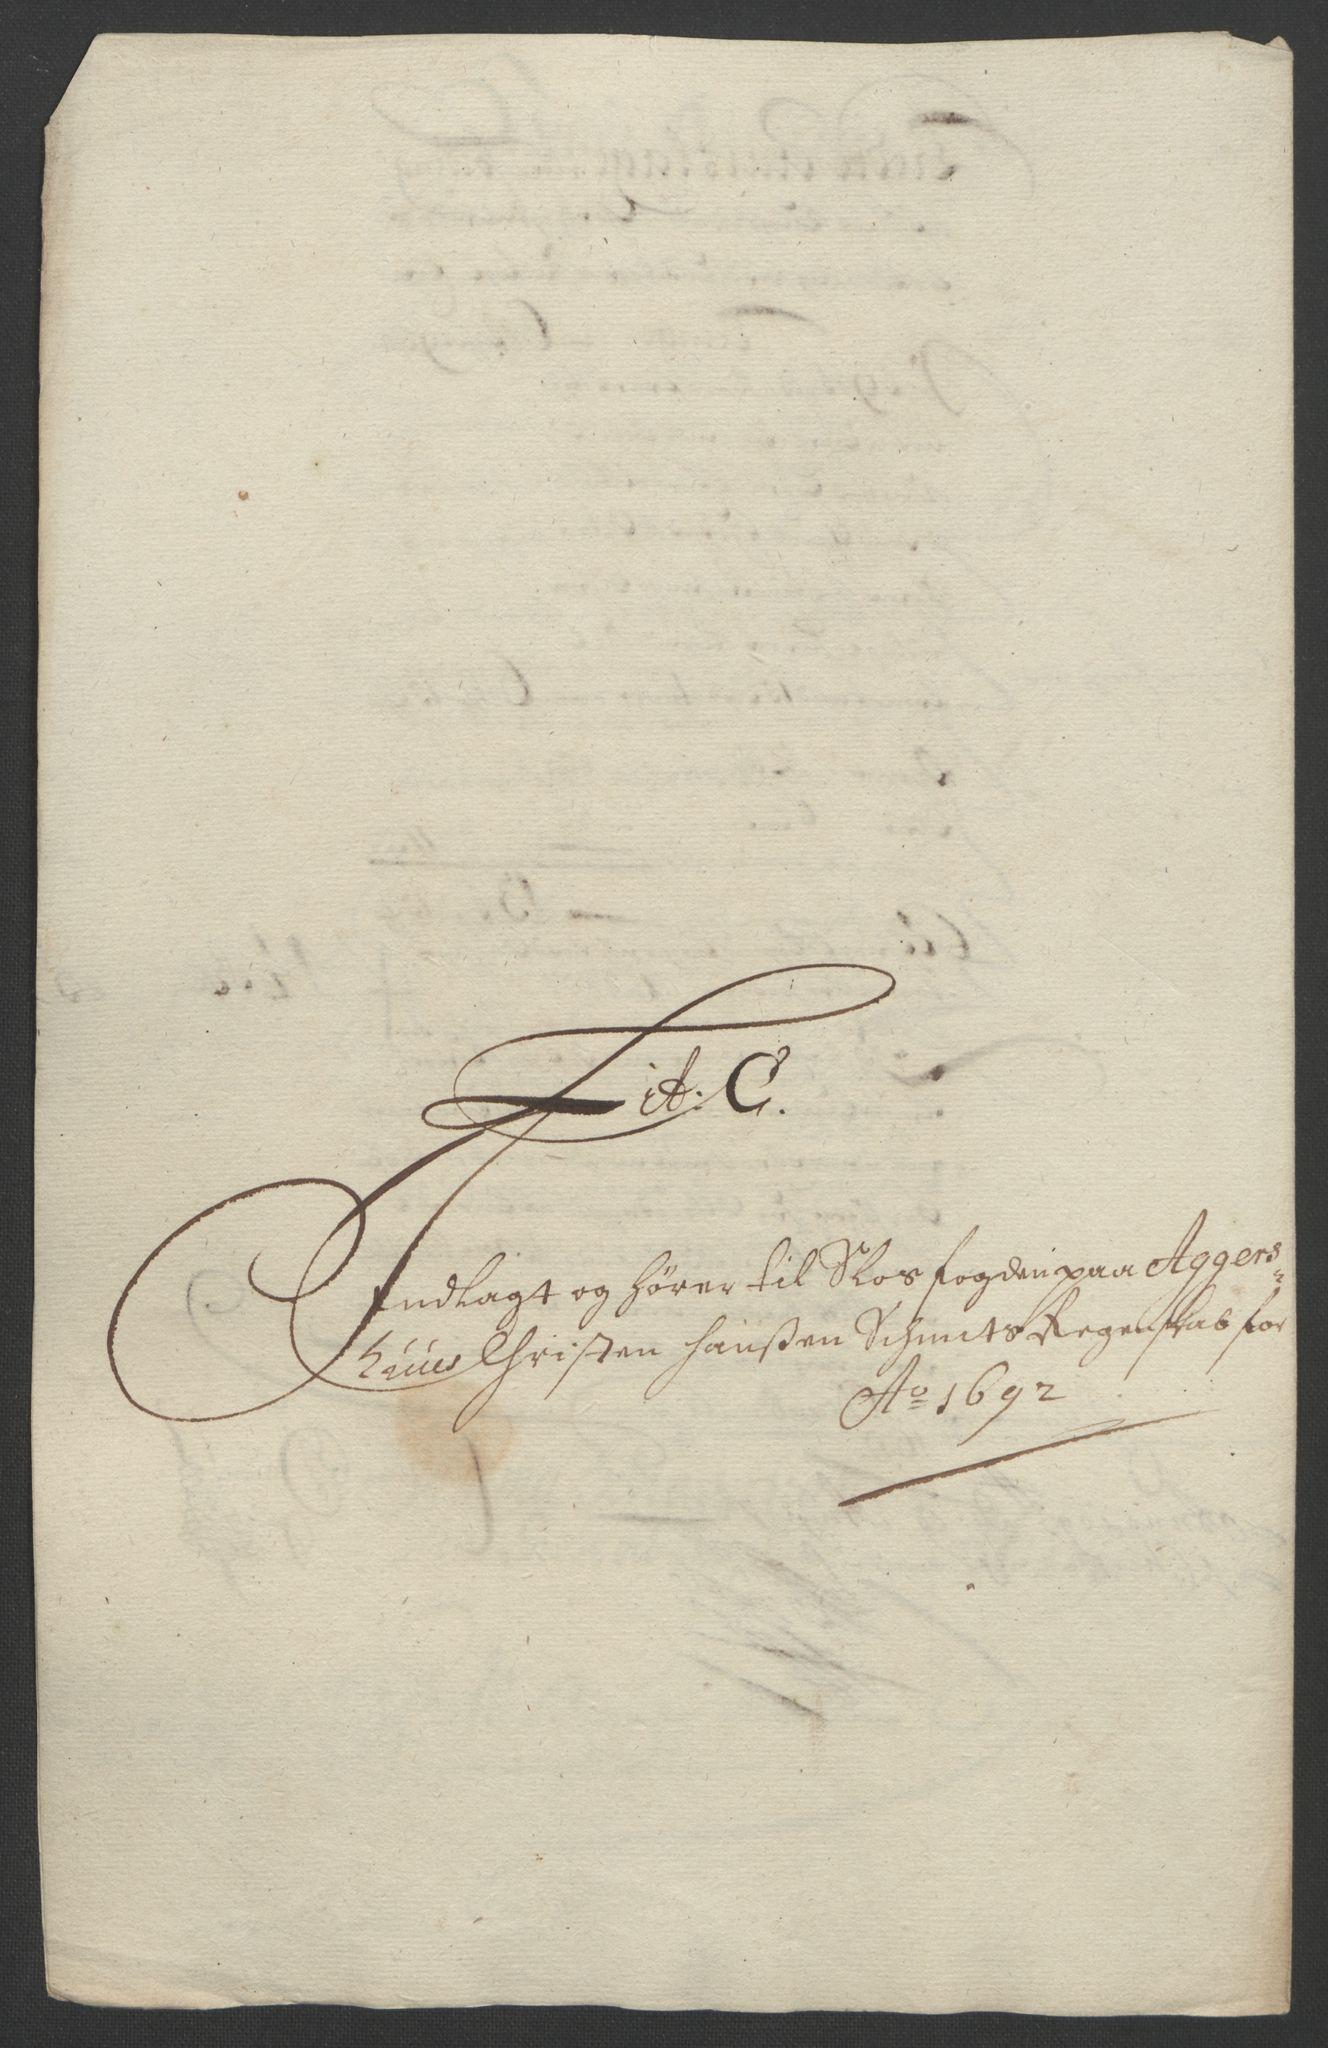 RA, Rentekammeret inntil 1814, Reviderte regnskaper, Fogderegnskap, R08/L0426: Fogderegnskap Aker, 1692-1693, s. 80